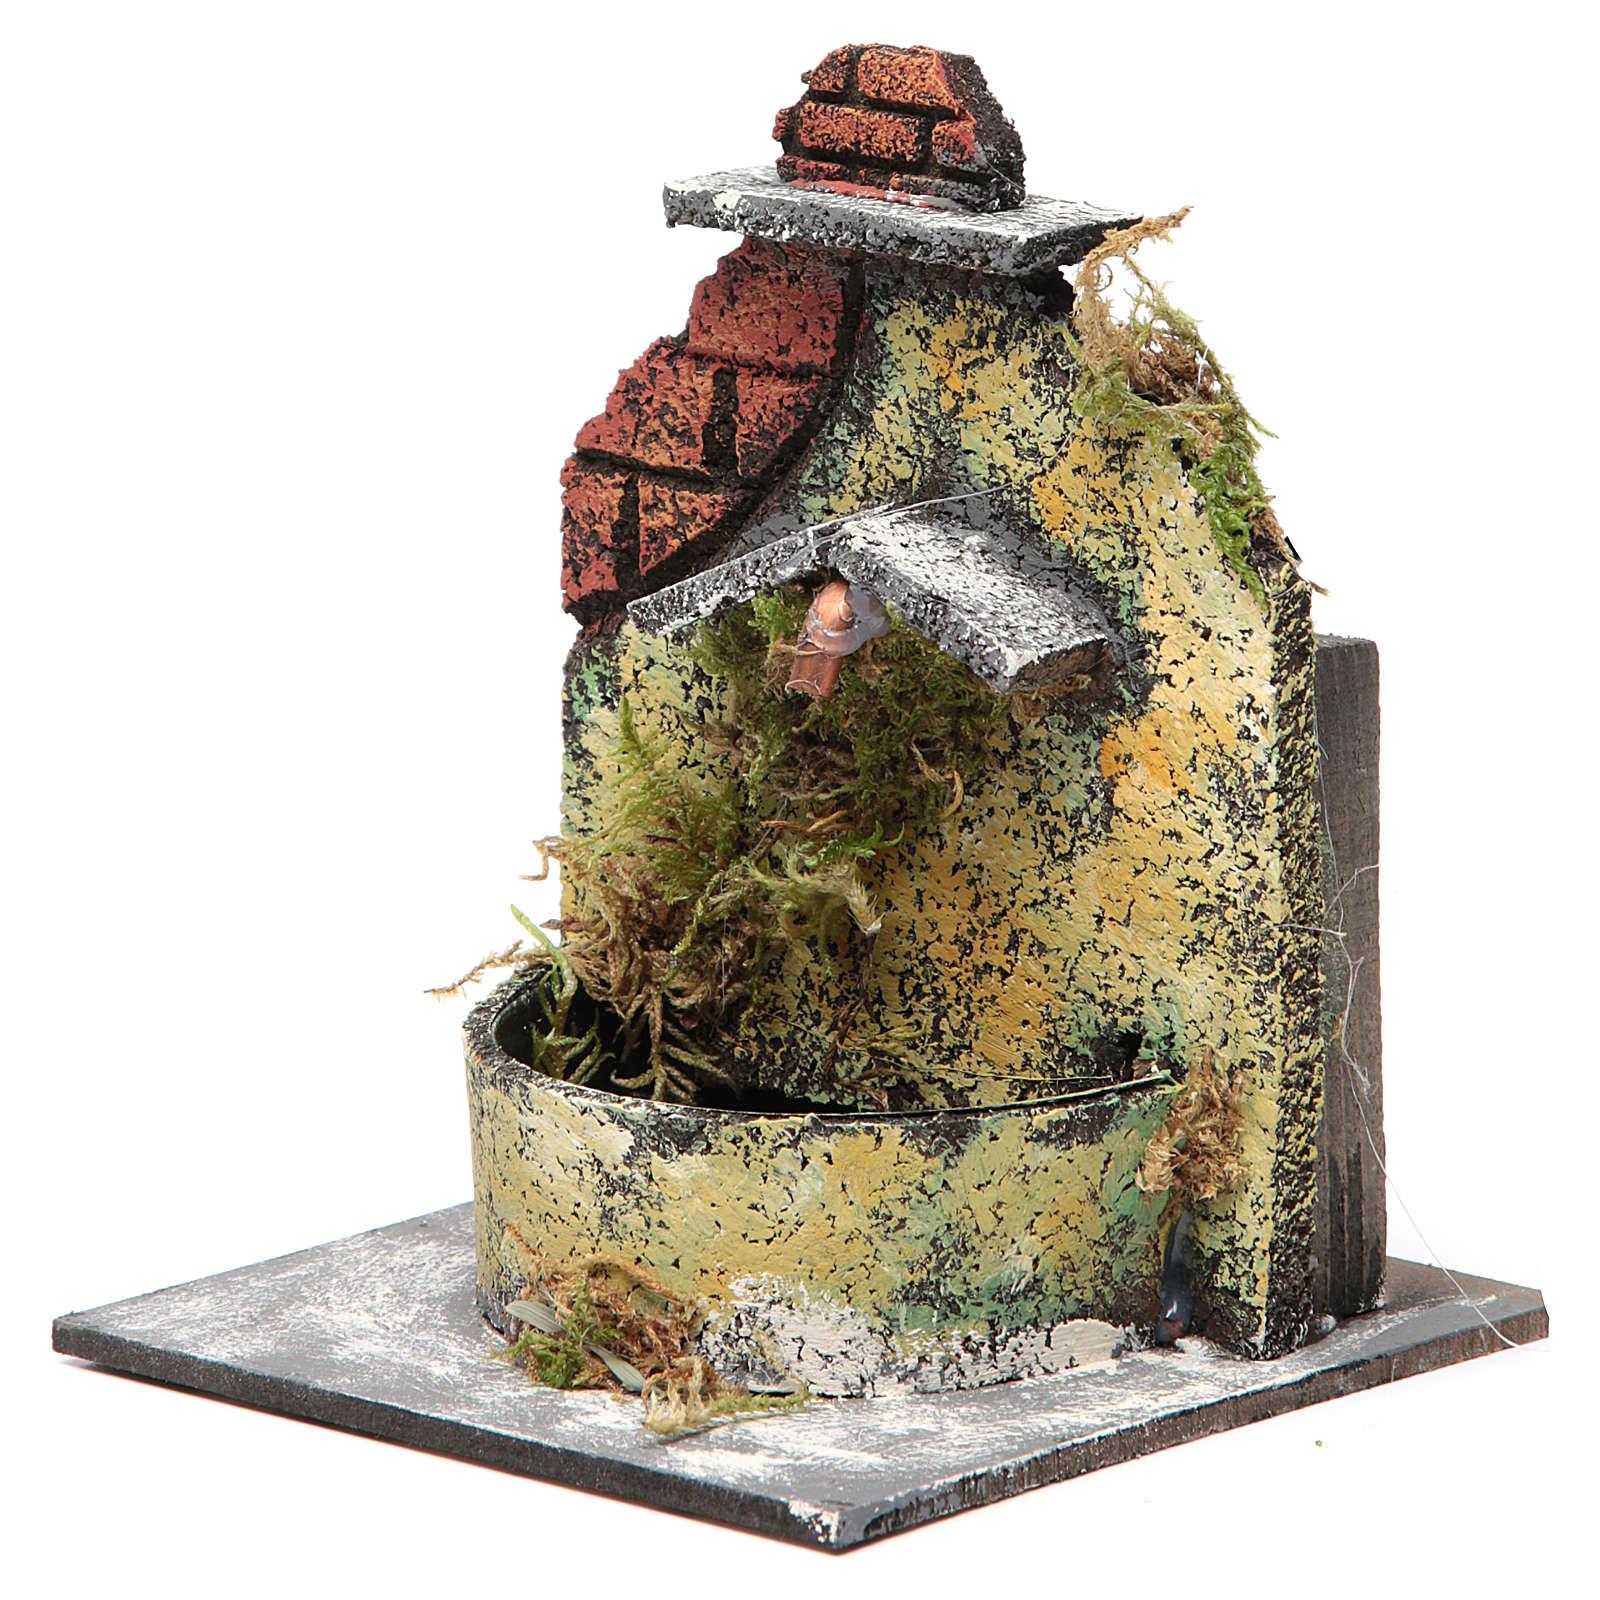 Fontana presepe Napoli in legno e sughero 16x14,5x14 4